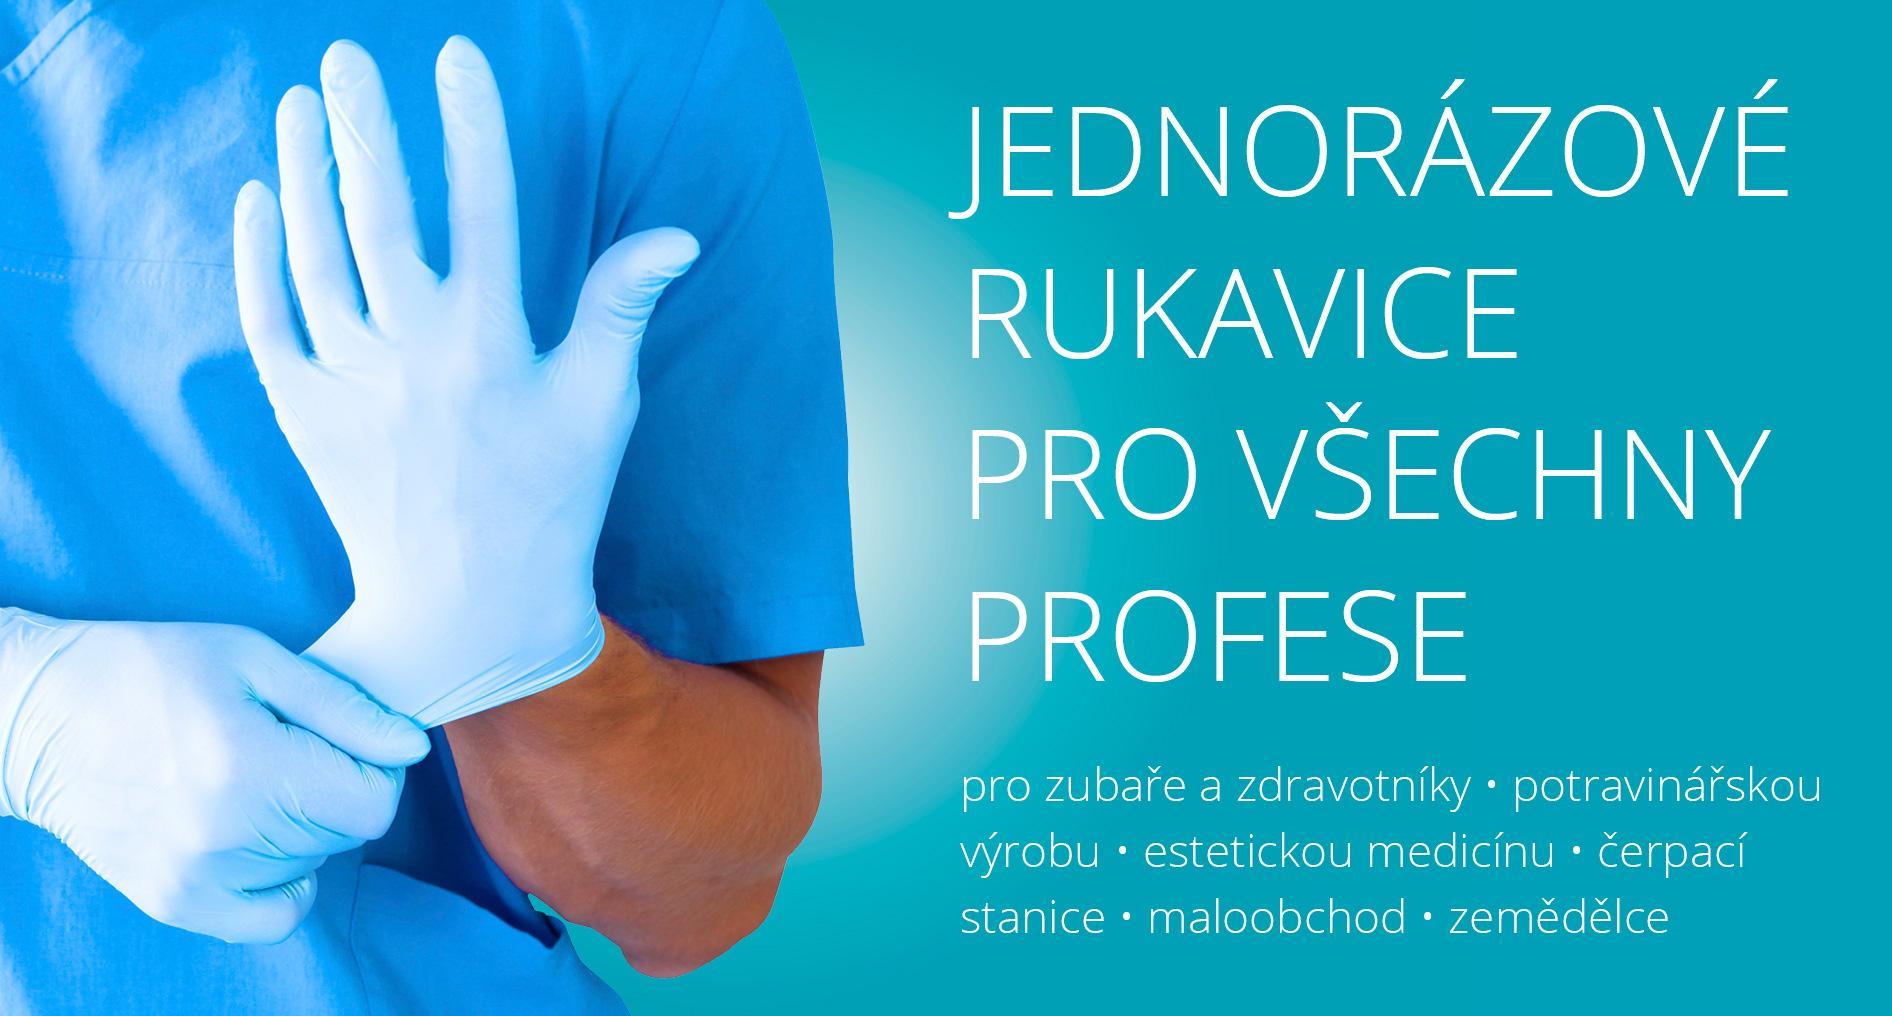 Jednorázové rukavice pro všechny profese